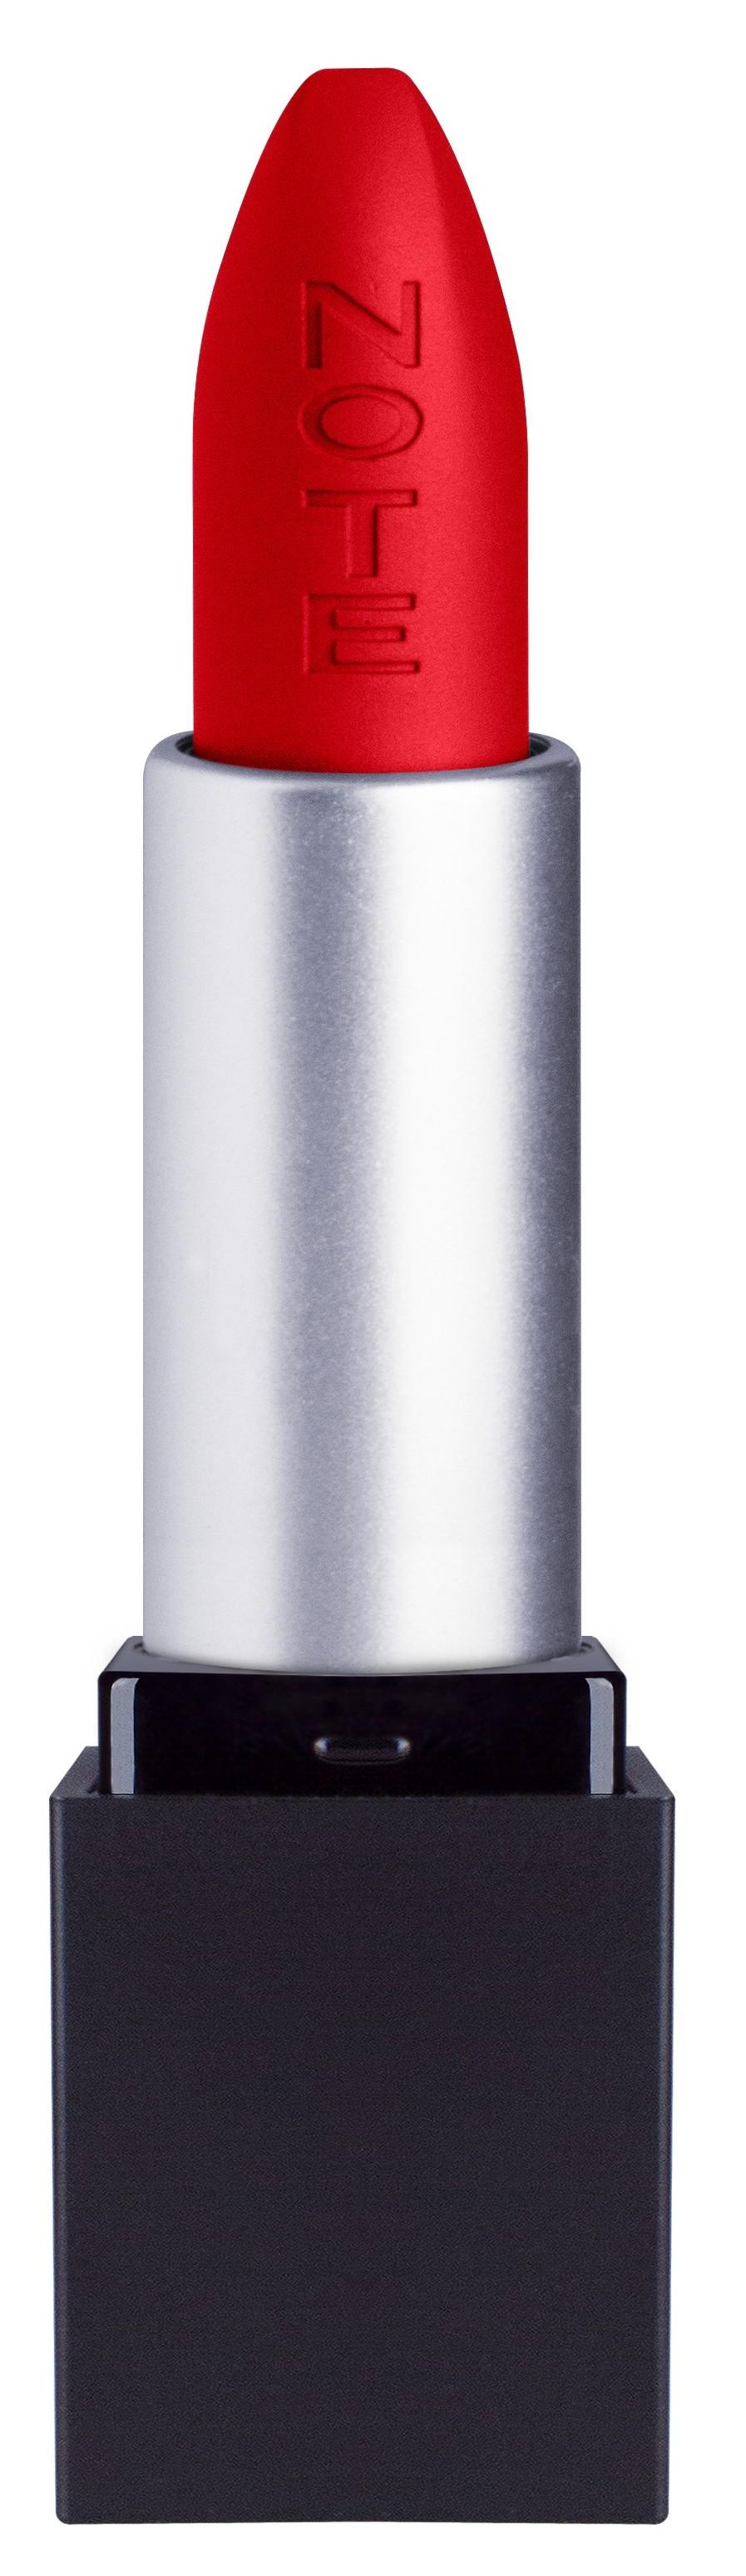 Купить NOTE Cosmetics Помада стойкая матовая для губ 16 / MATTEVER LIPSTICK 4, 5 г